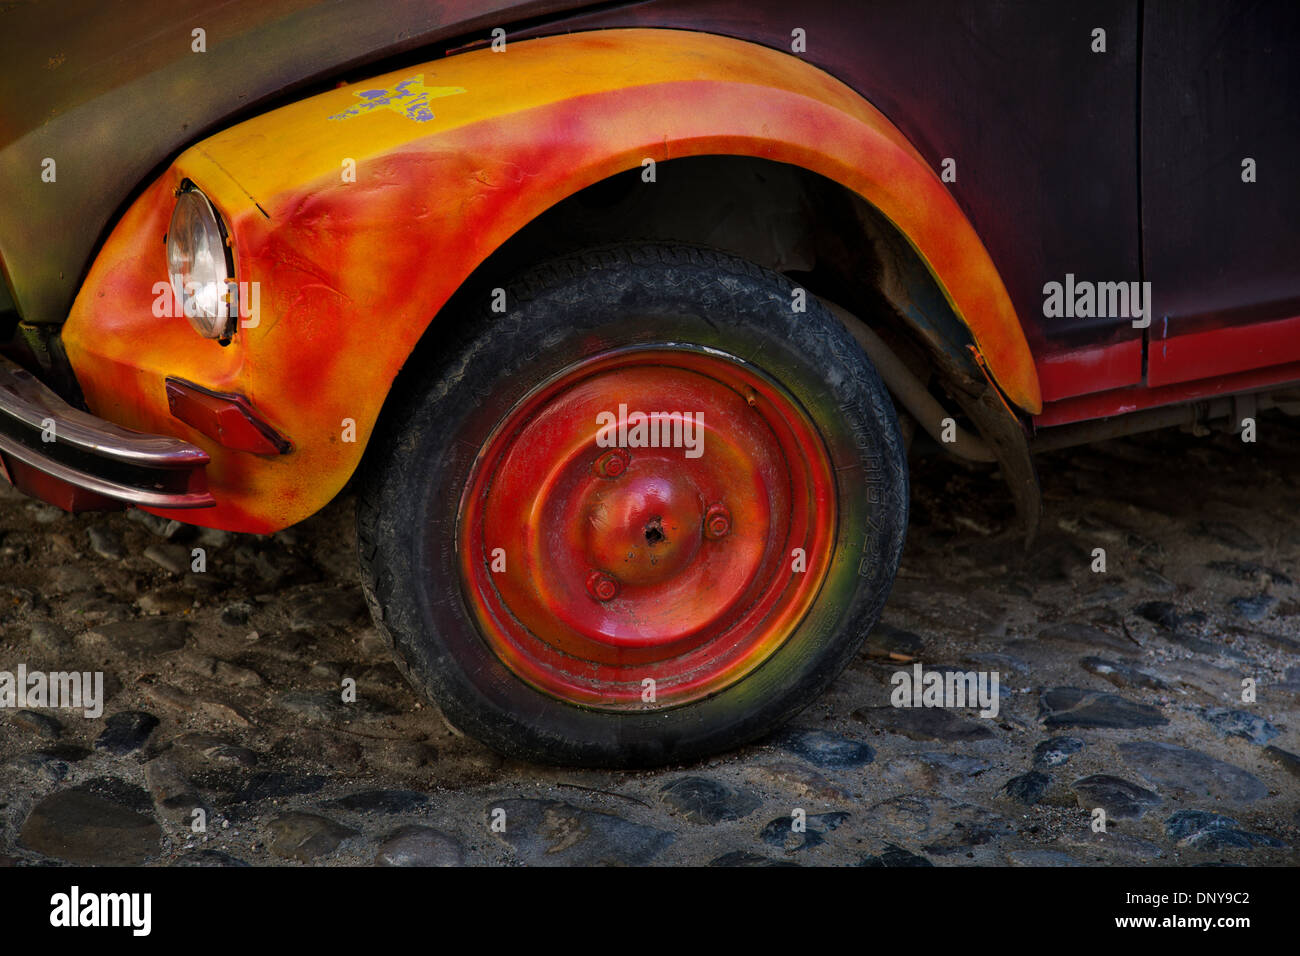 Orange peint de couleurs vives et jaune 2CV voiture française roue sur rue pavée, France Photo Stock